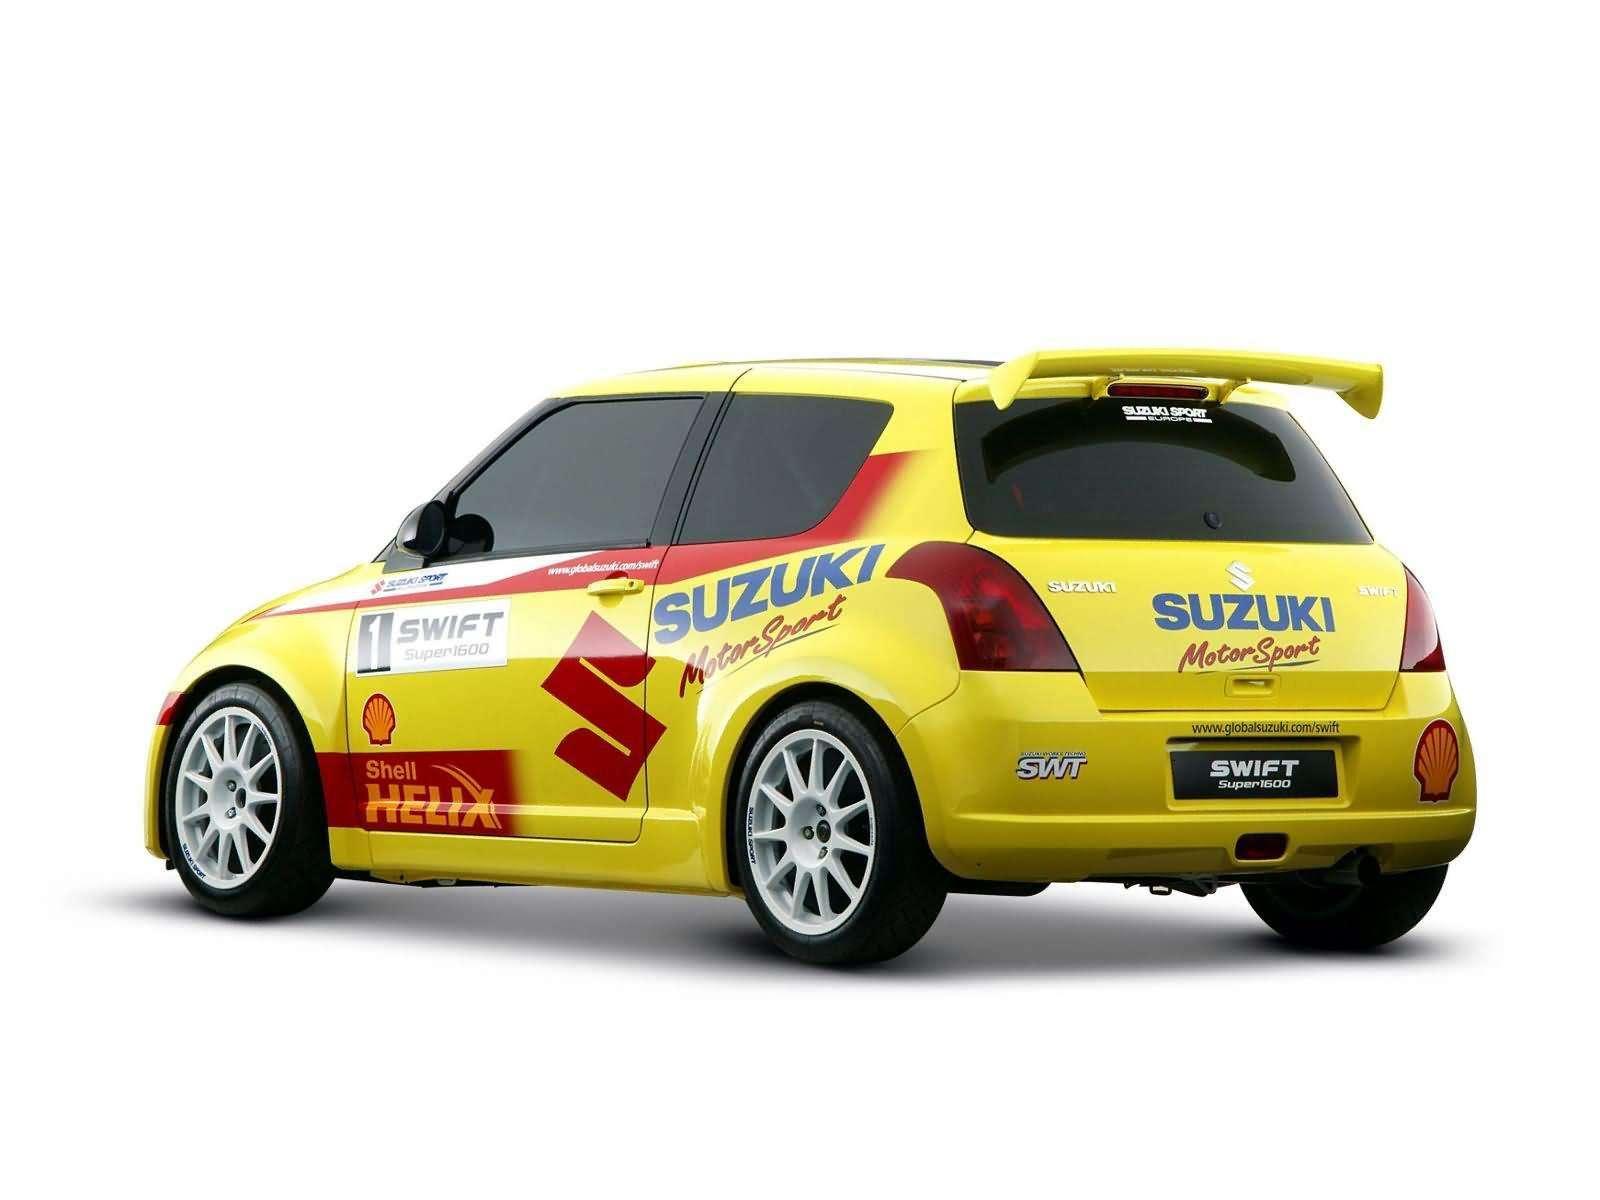 Hình ảnh xe ô tô Suzuki Swift Rally Car 2005 & nội ngoại thất